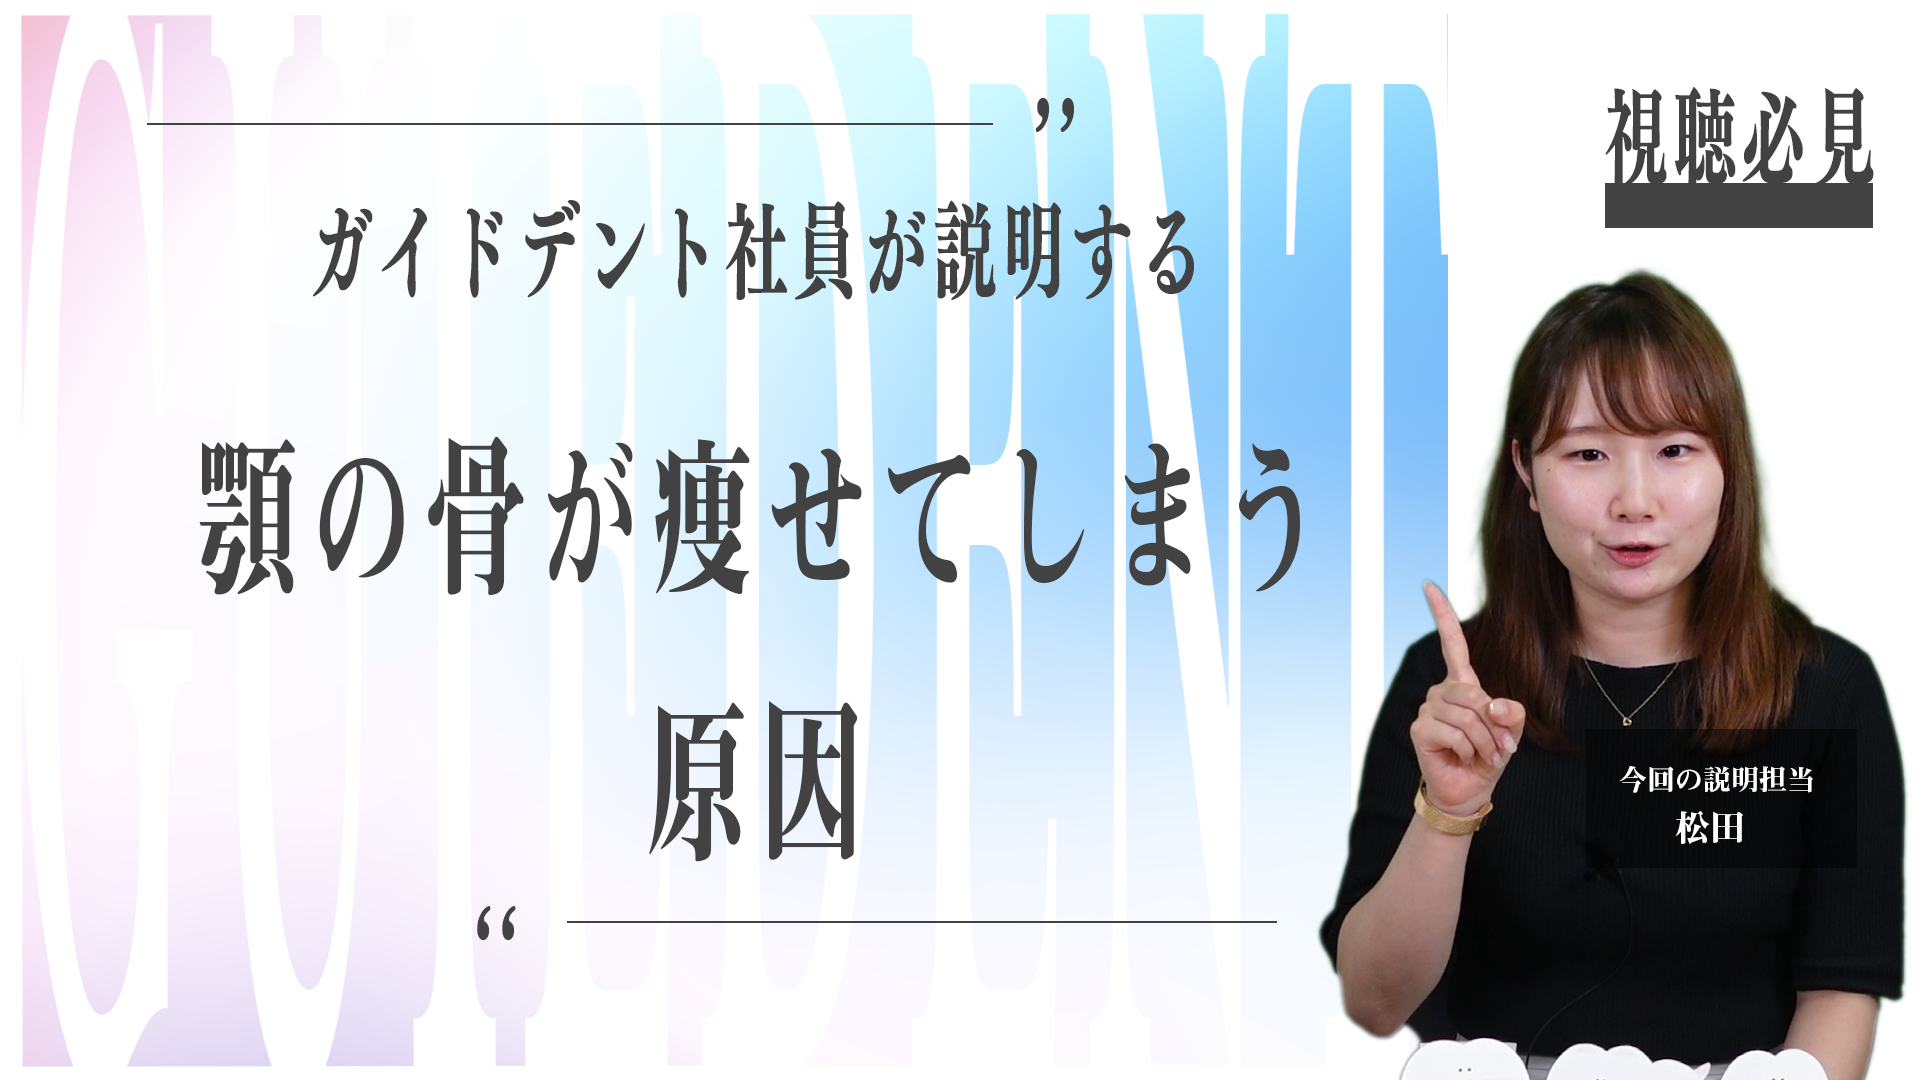 ガイドデント公式YouTubeチャンネル深掘り編3話のお知らせ